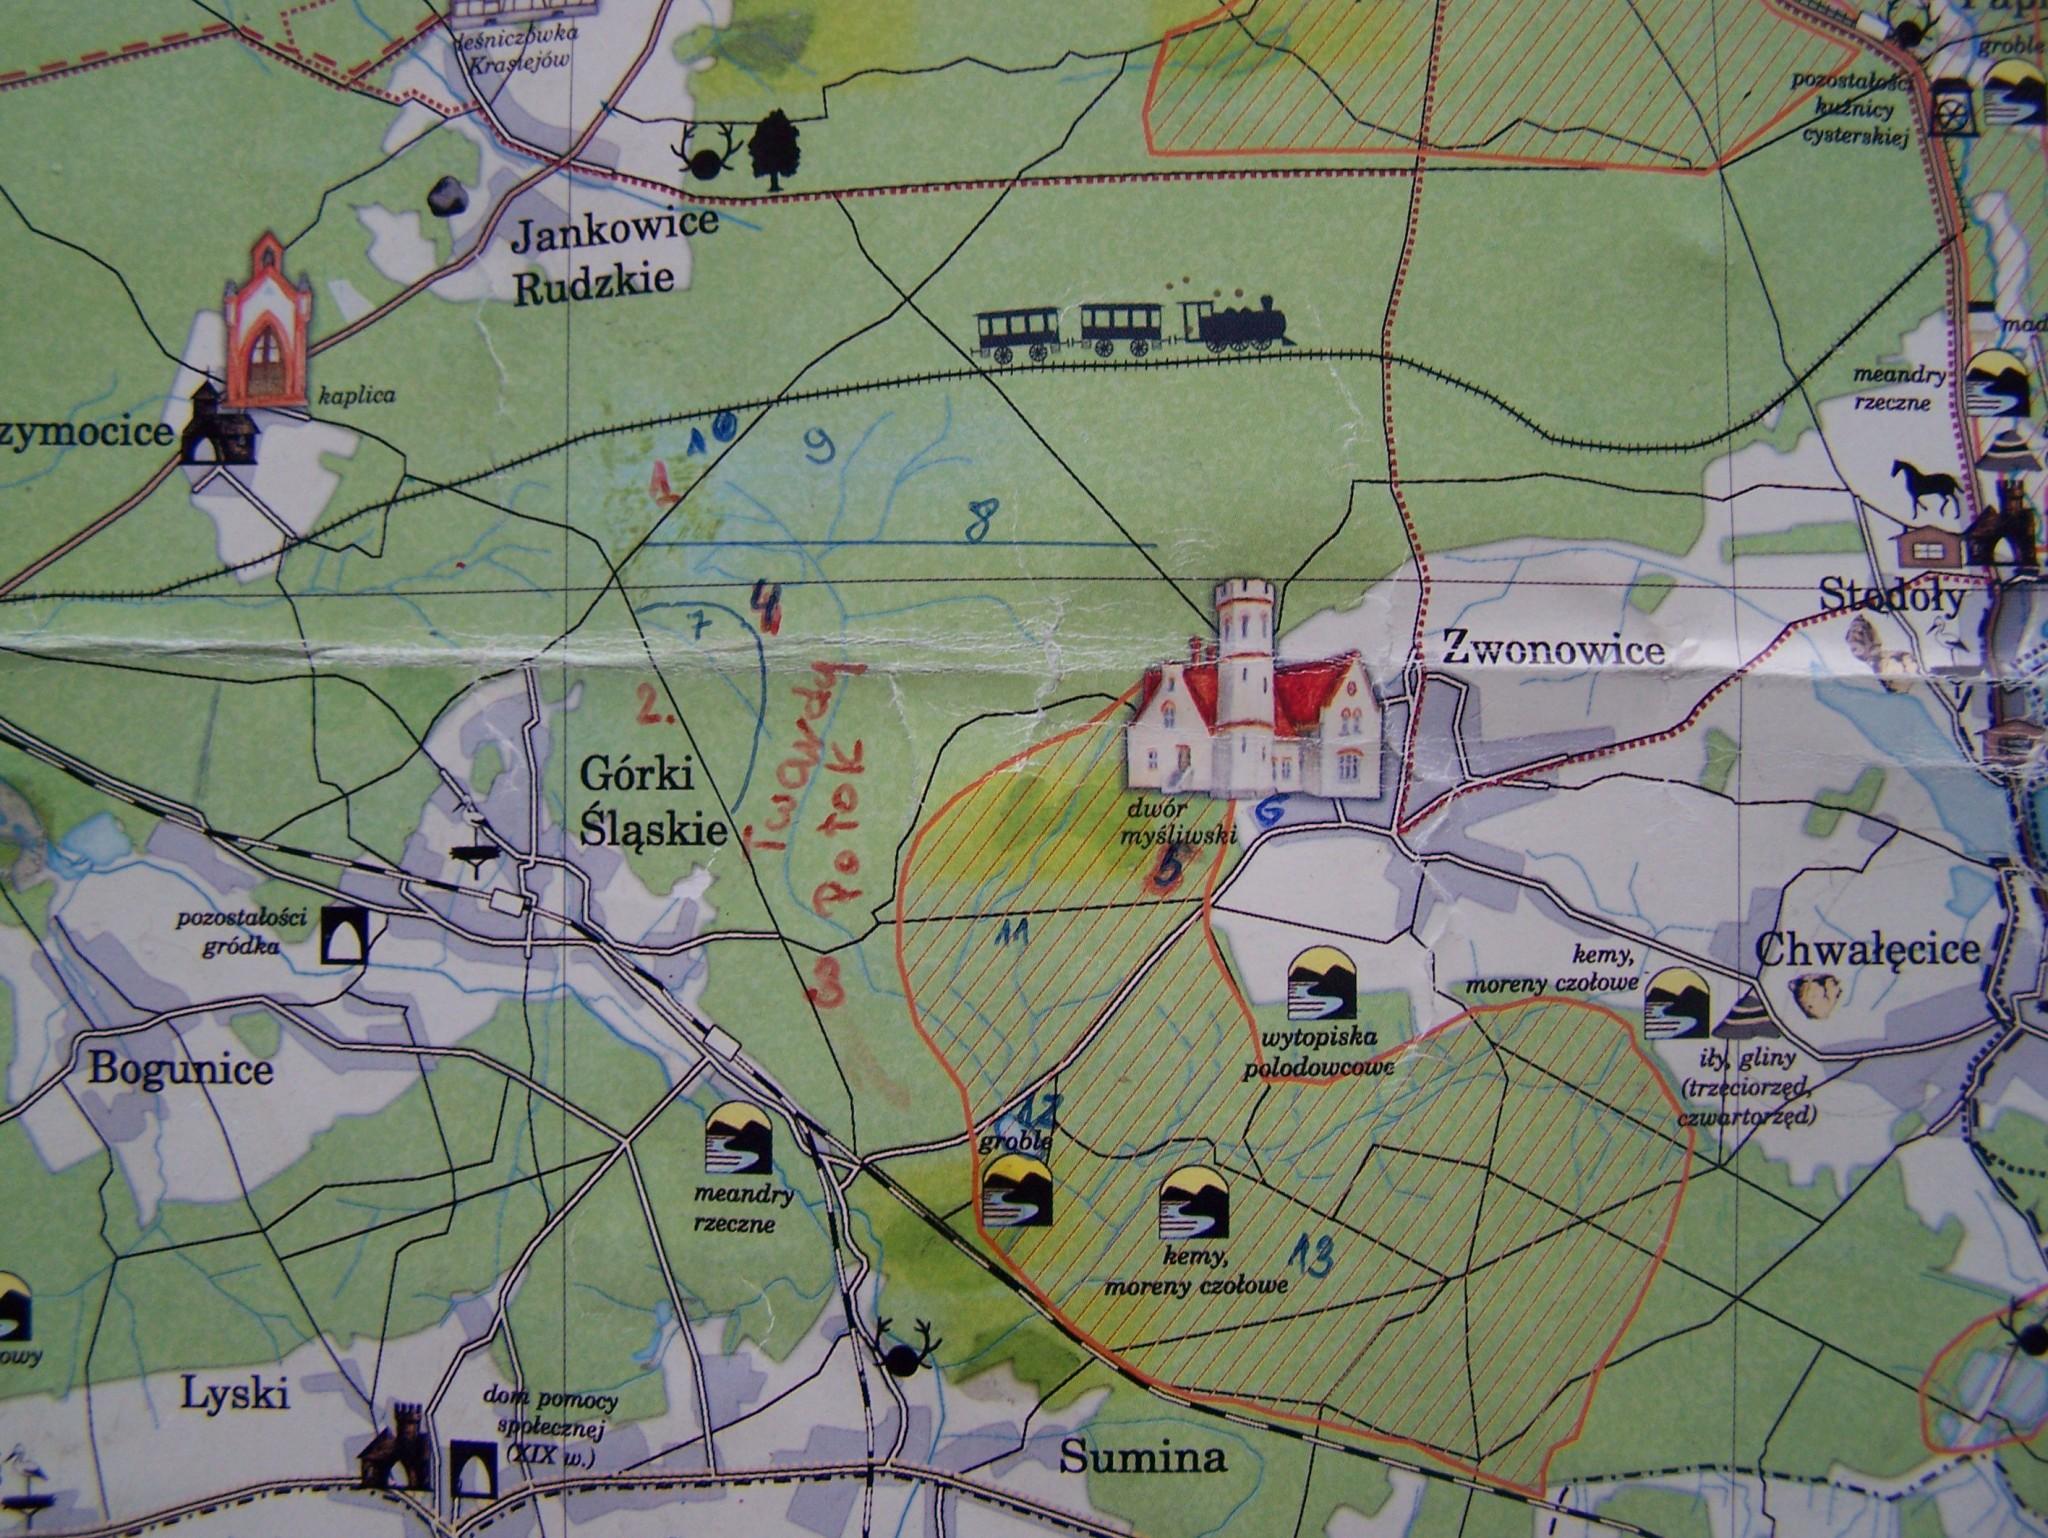 Mapa lasów z Twardym Potokiem i innymi obiektami.